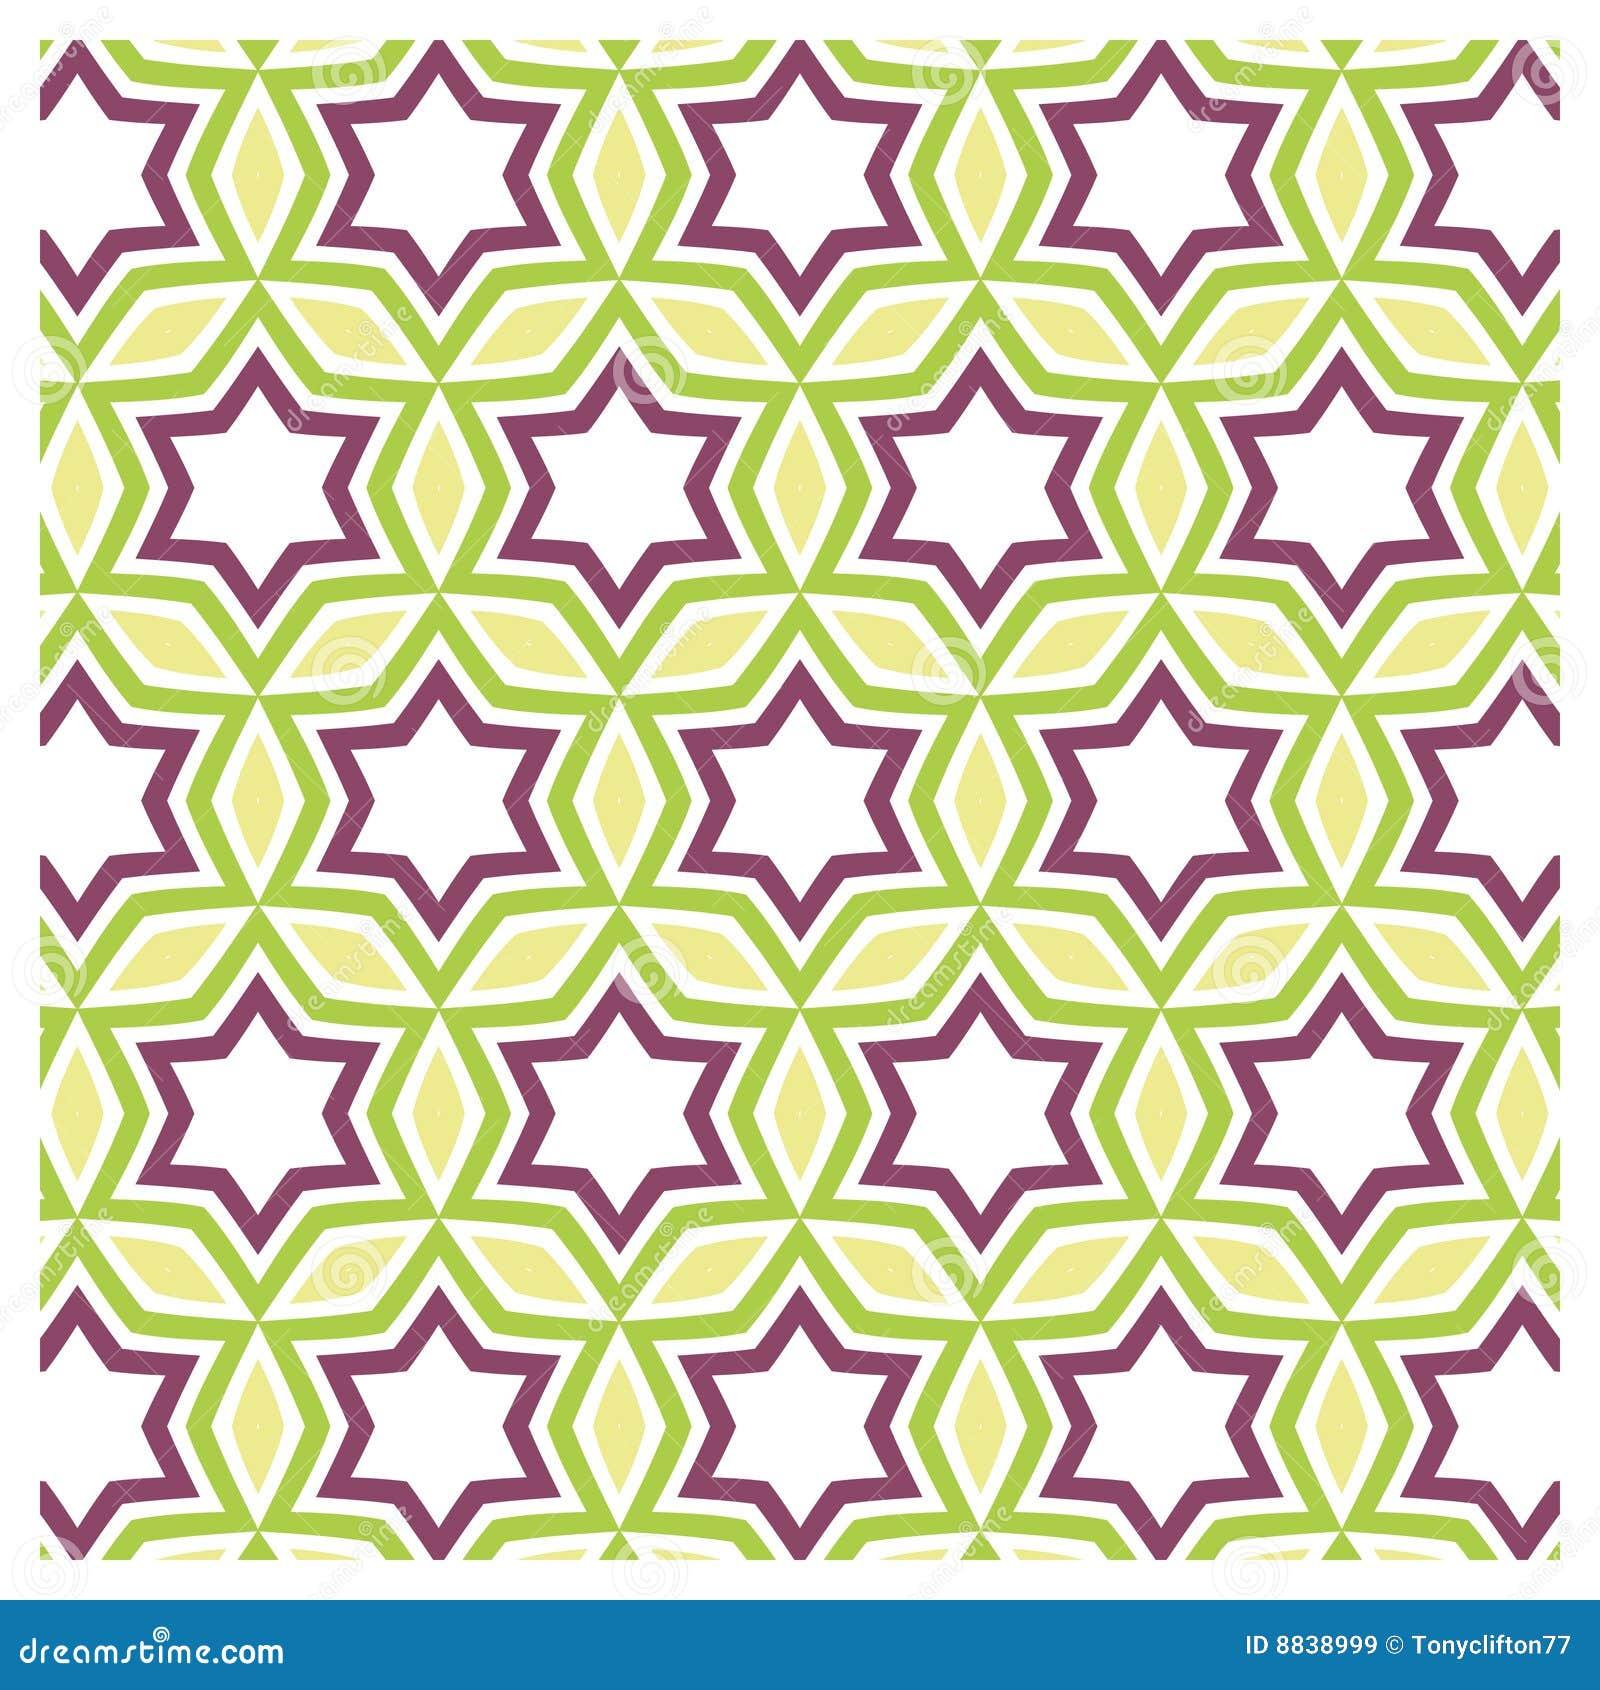 abstractstars abstract stars patterns - photo #28